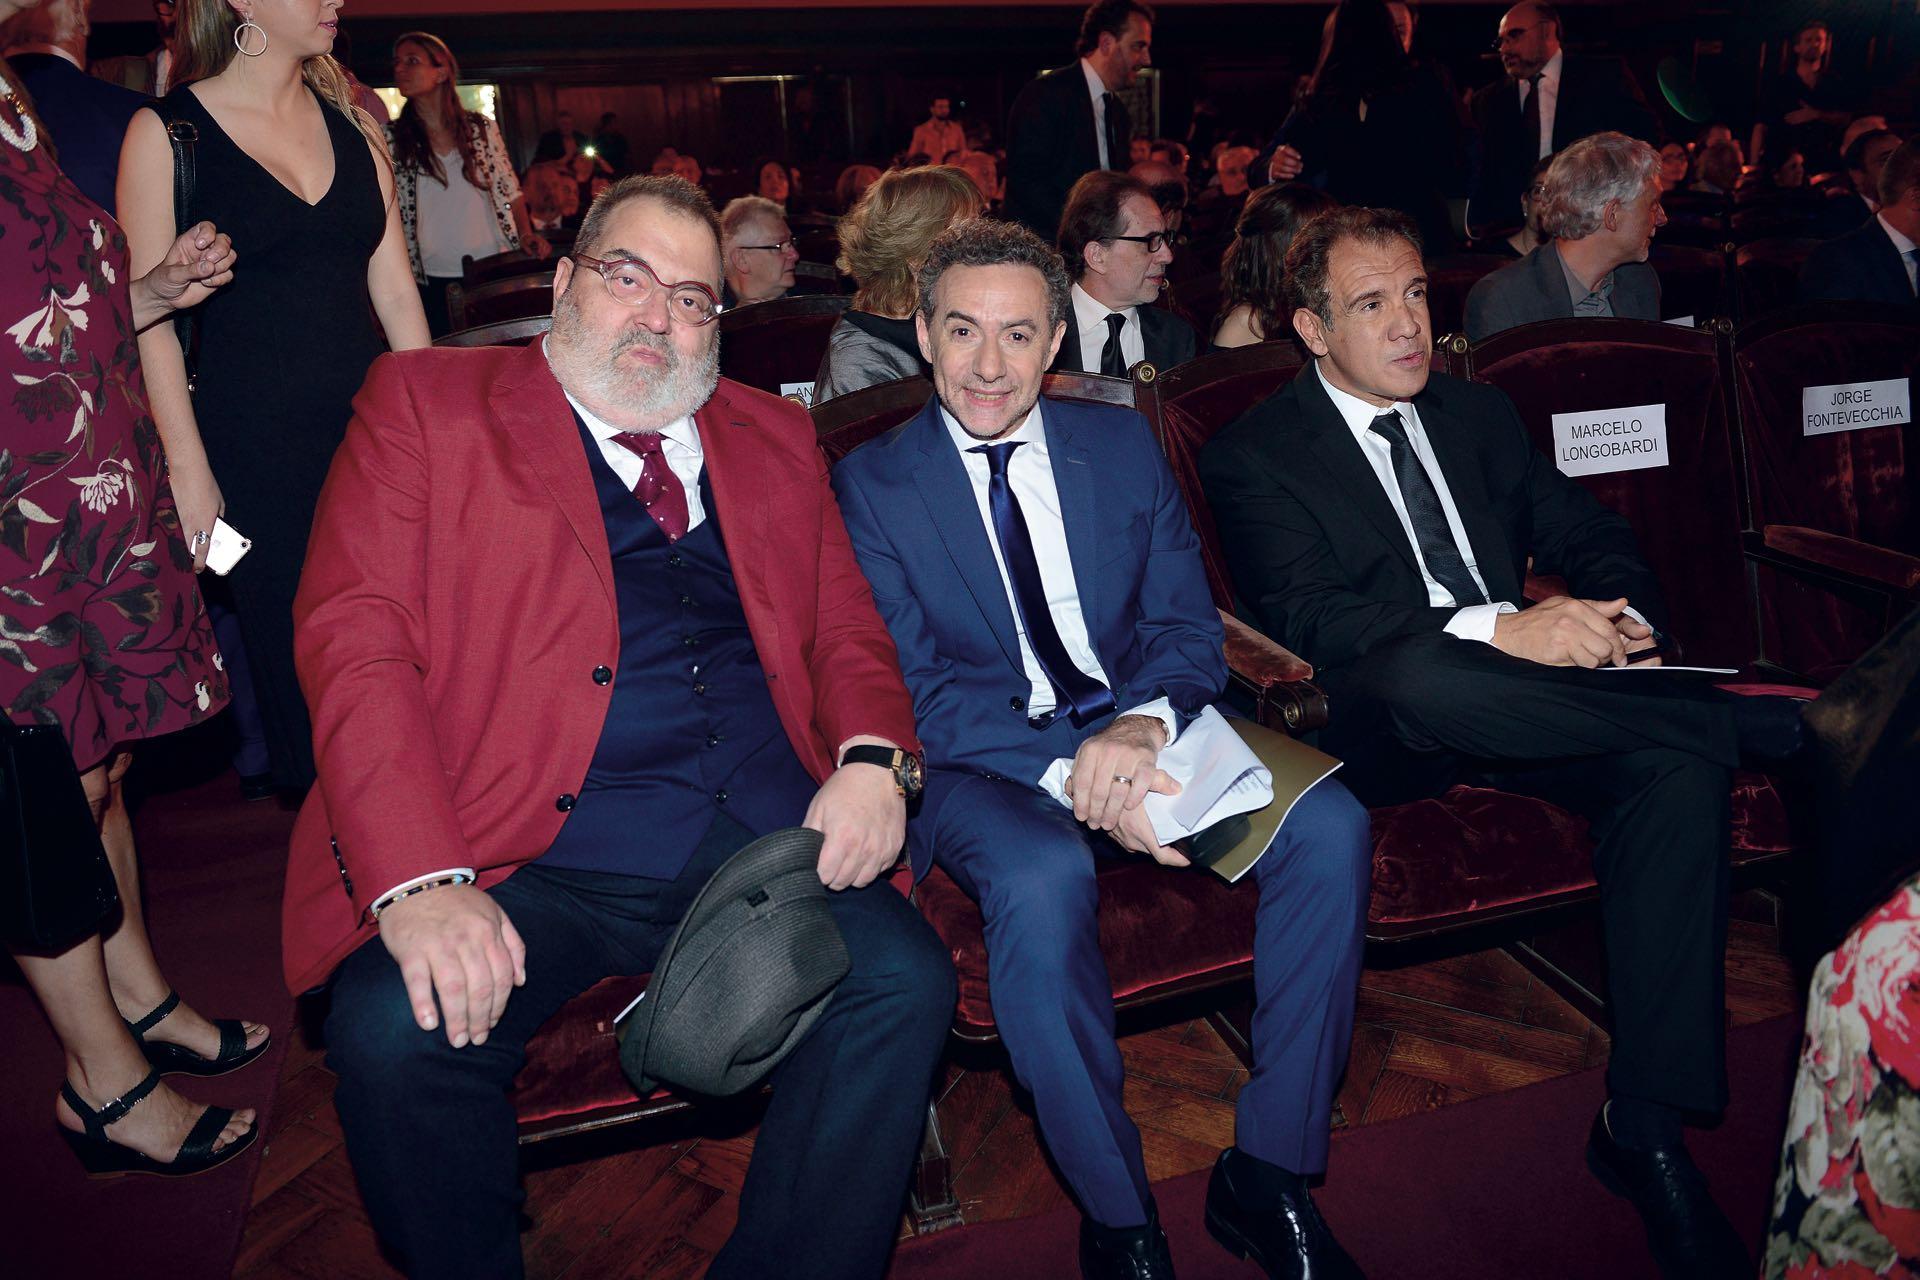 Jorge Lanata (Labor Televisiva), Luis Majul (Producción Periodística) y DanielHadad (Emprendimientos Digitales, por Infobae). Foto: Diego Soldini /GENTE